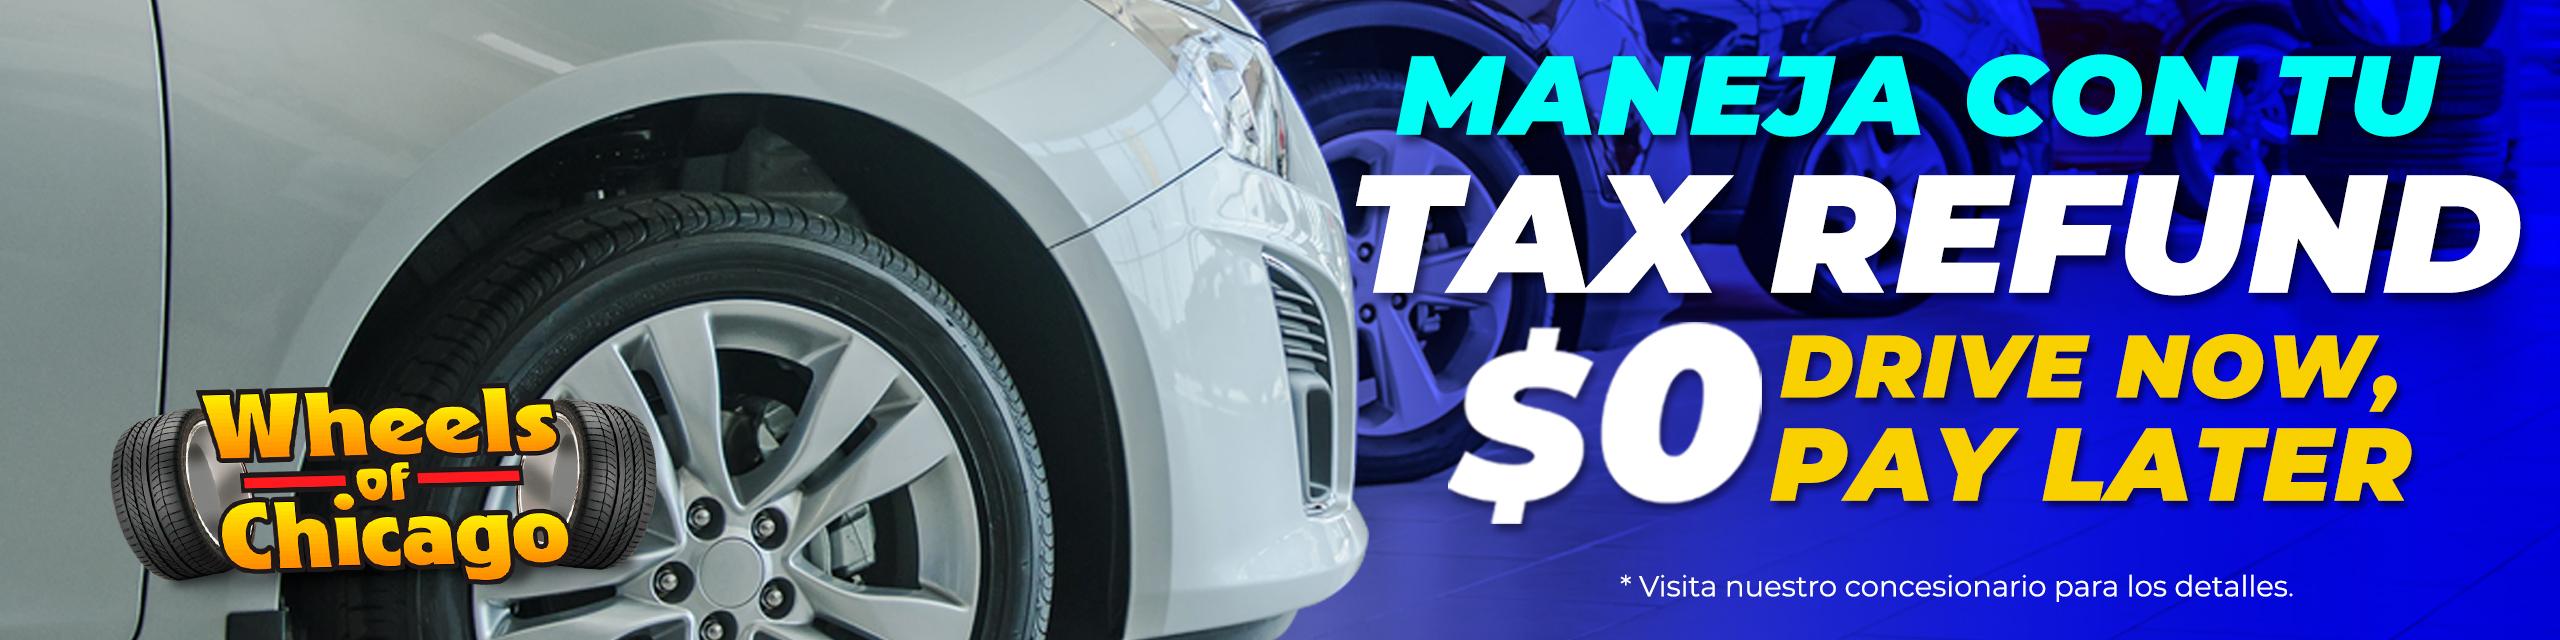 Maneja con tu tax refund - Wheels of Chicago